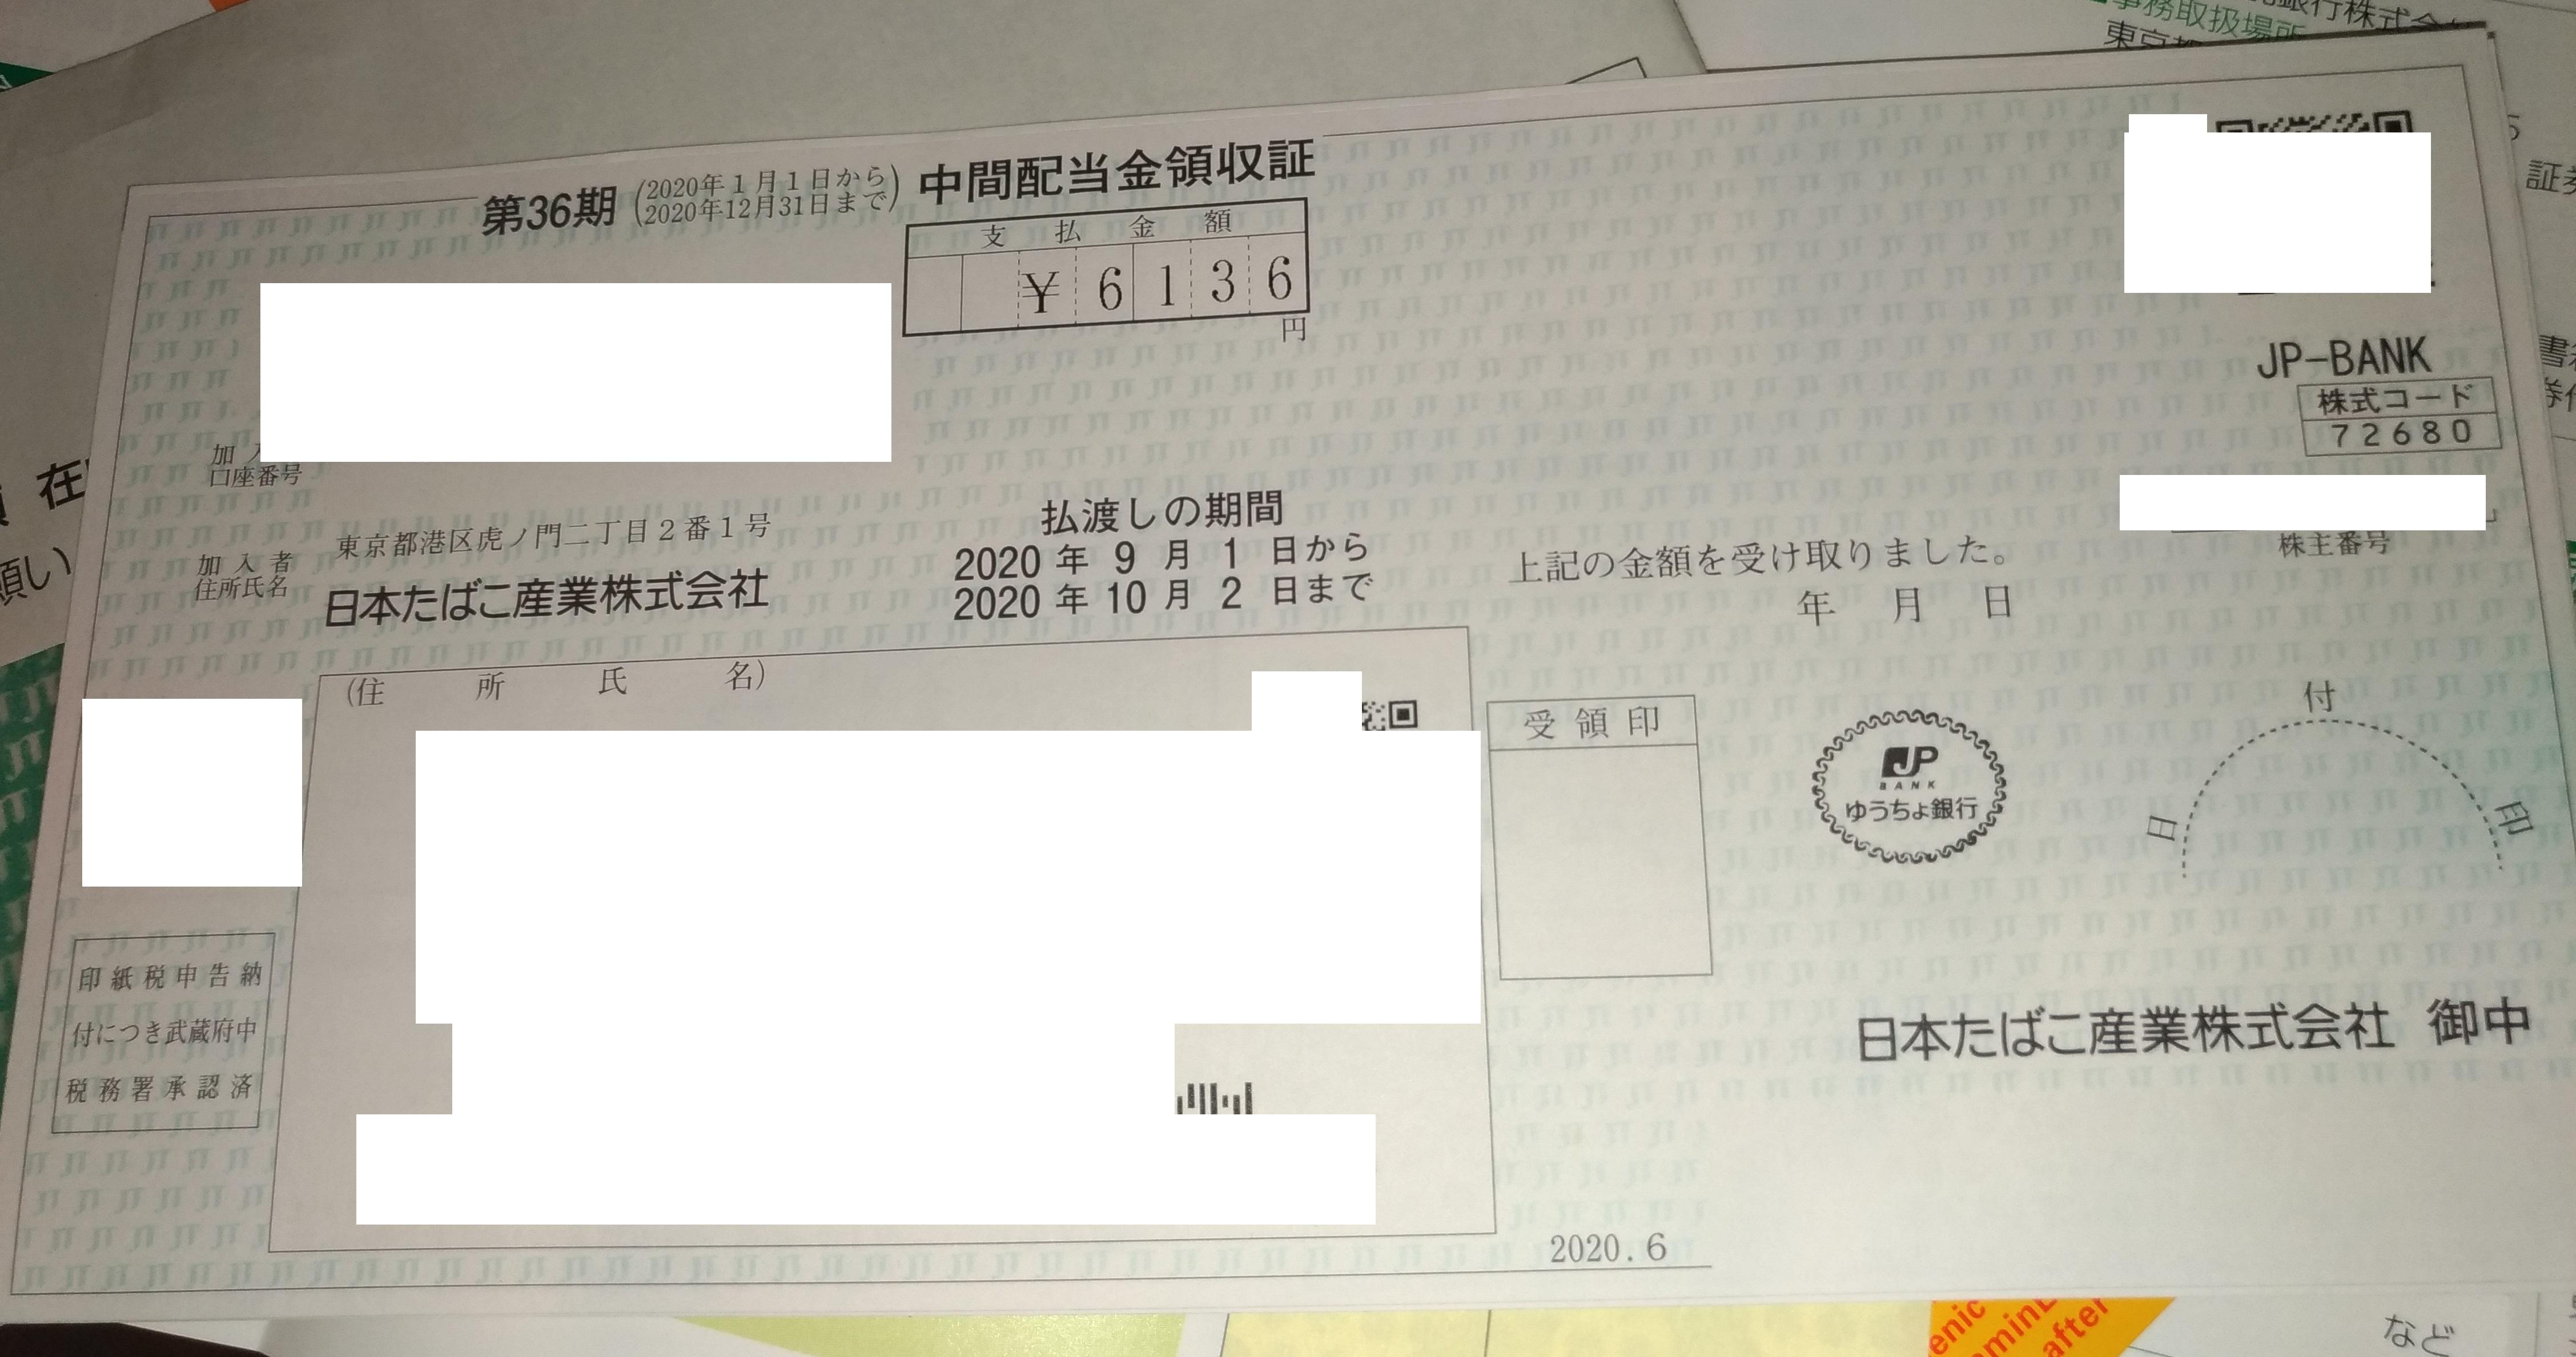 haito_JT_kabu_2020_09_01_.jpg